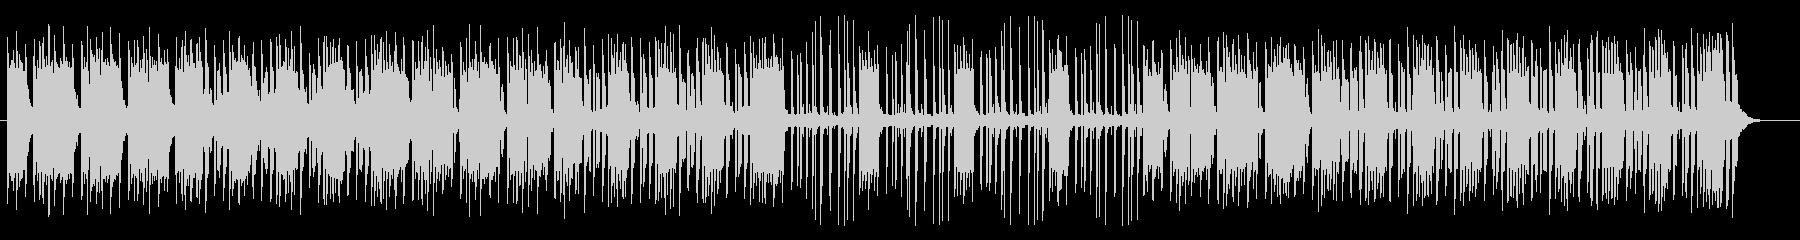 明るく軽やかなシンセサイザーサウンドの未再生の波形